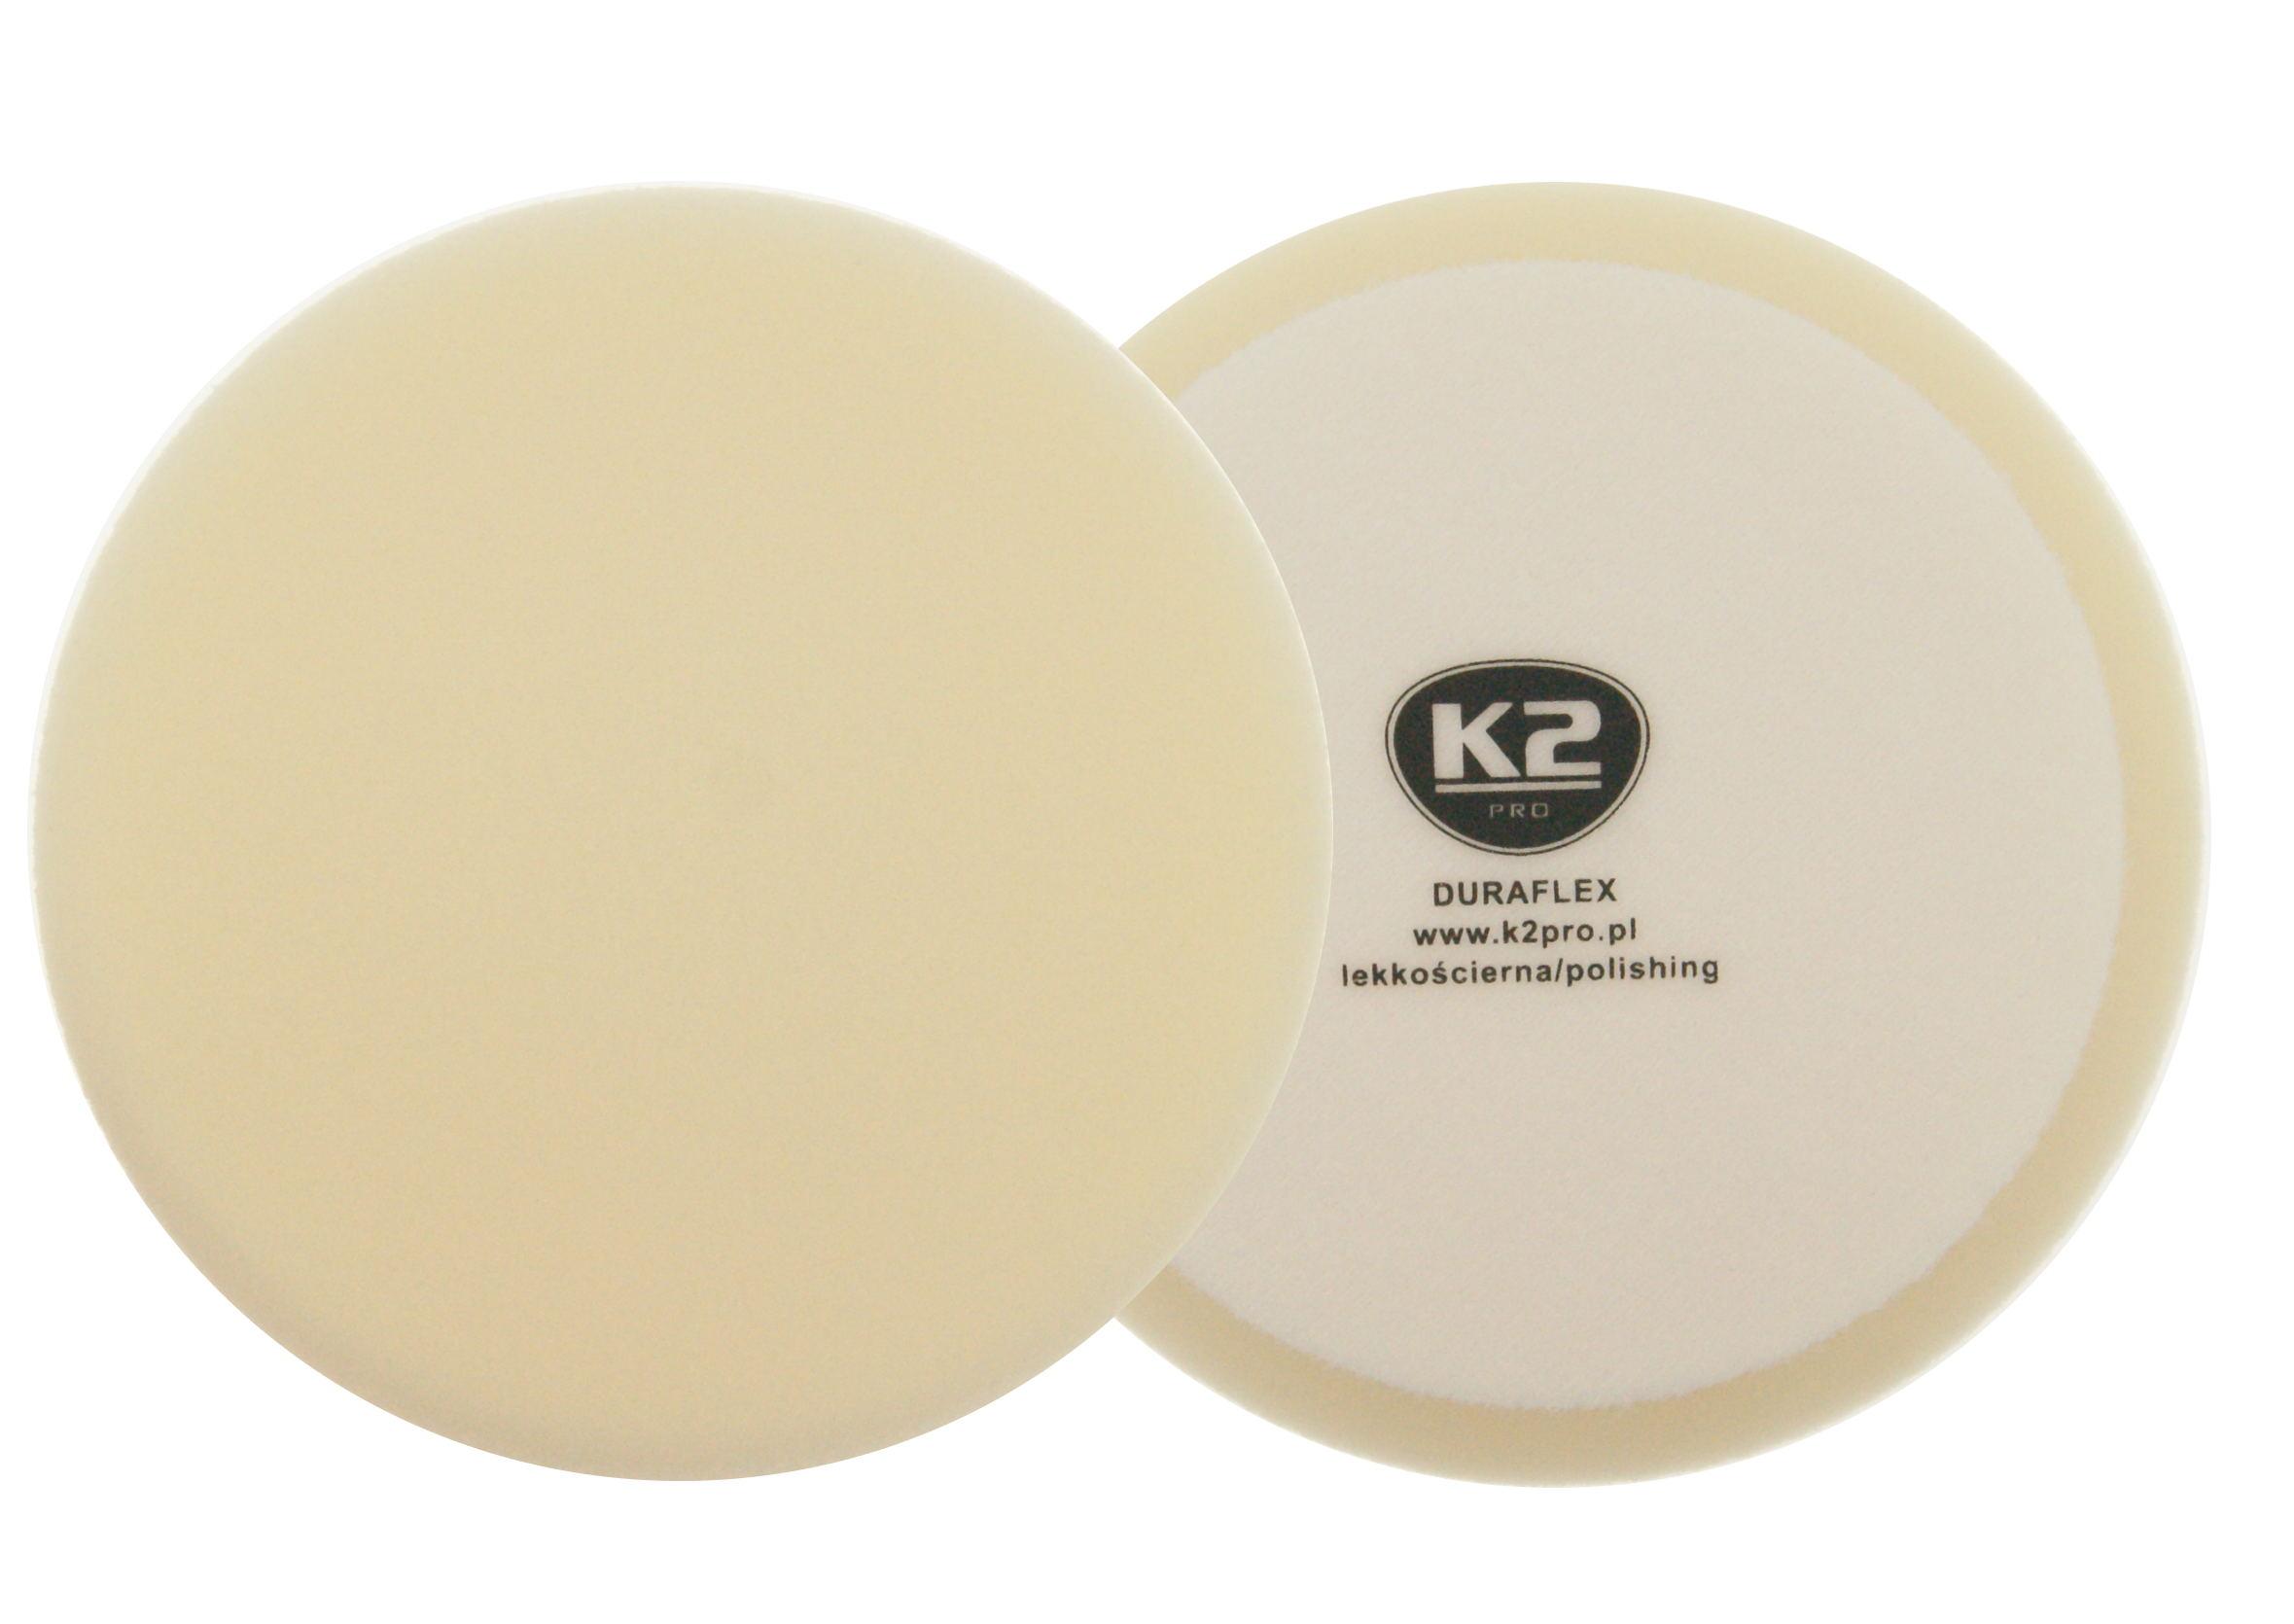 K2 Duraflex Pad Polerski na Rzep Lekko Ścierny Biały 150 mm